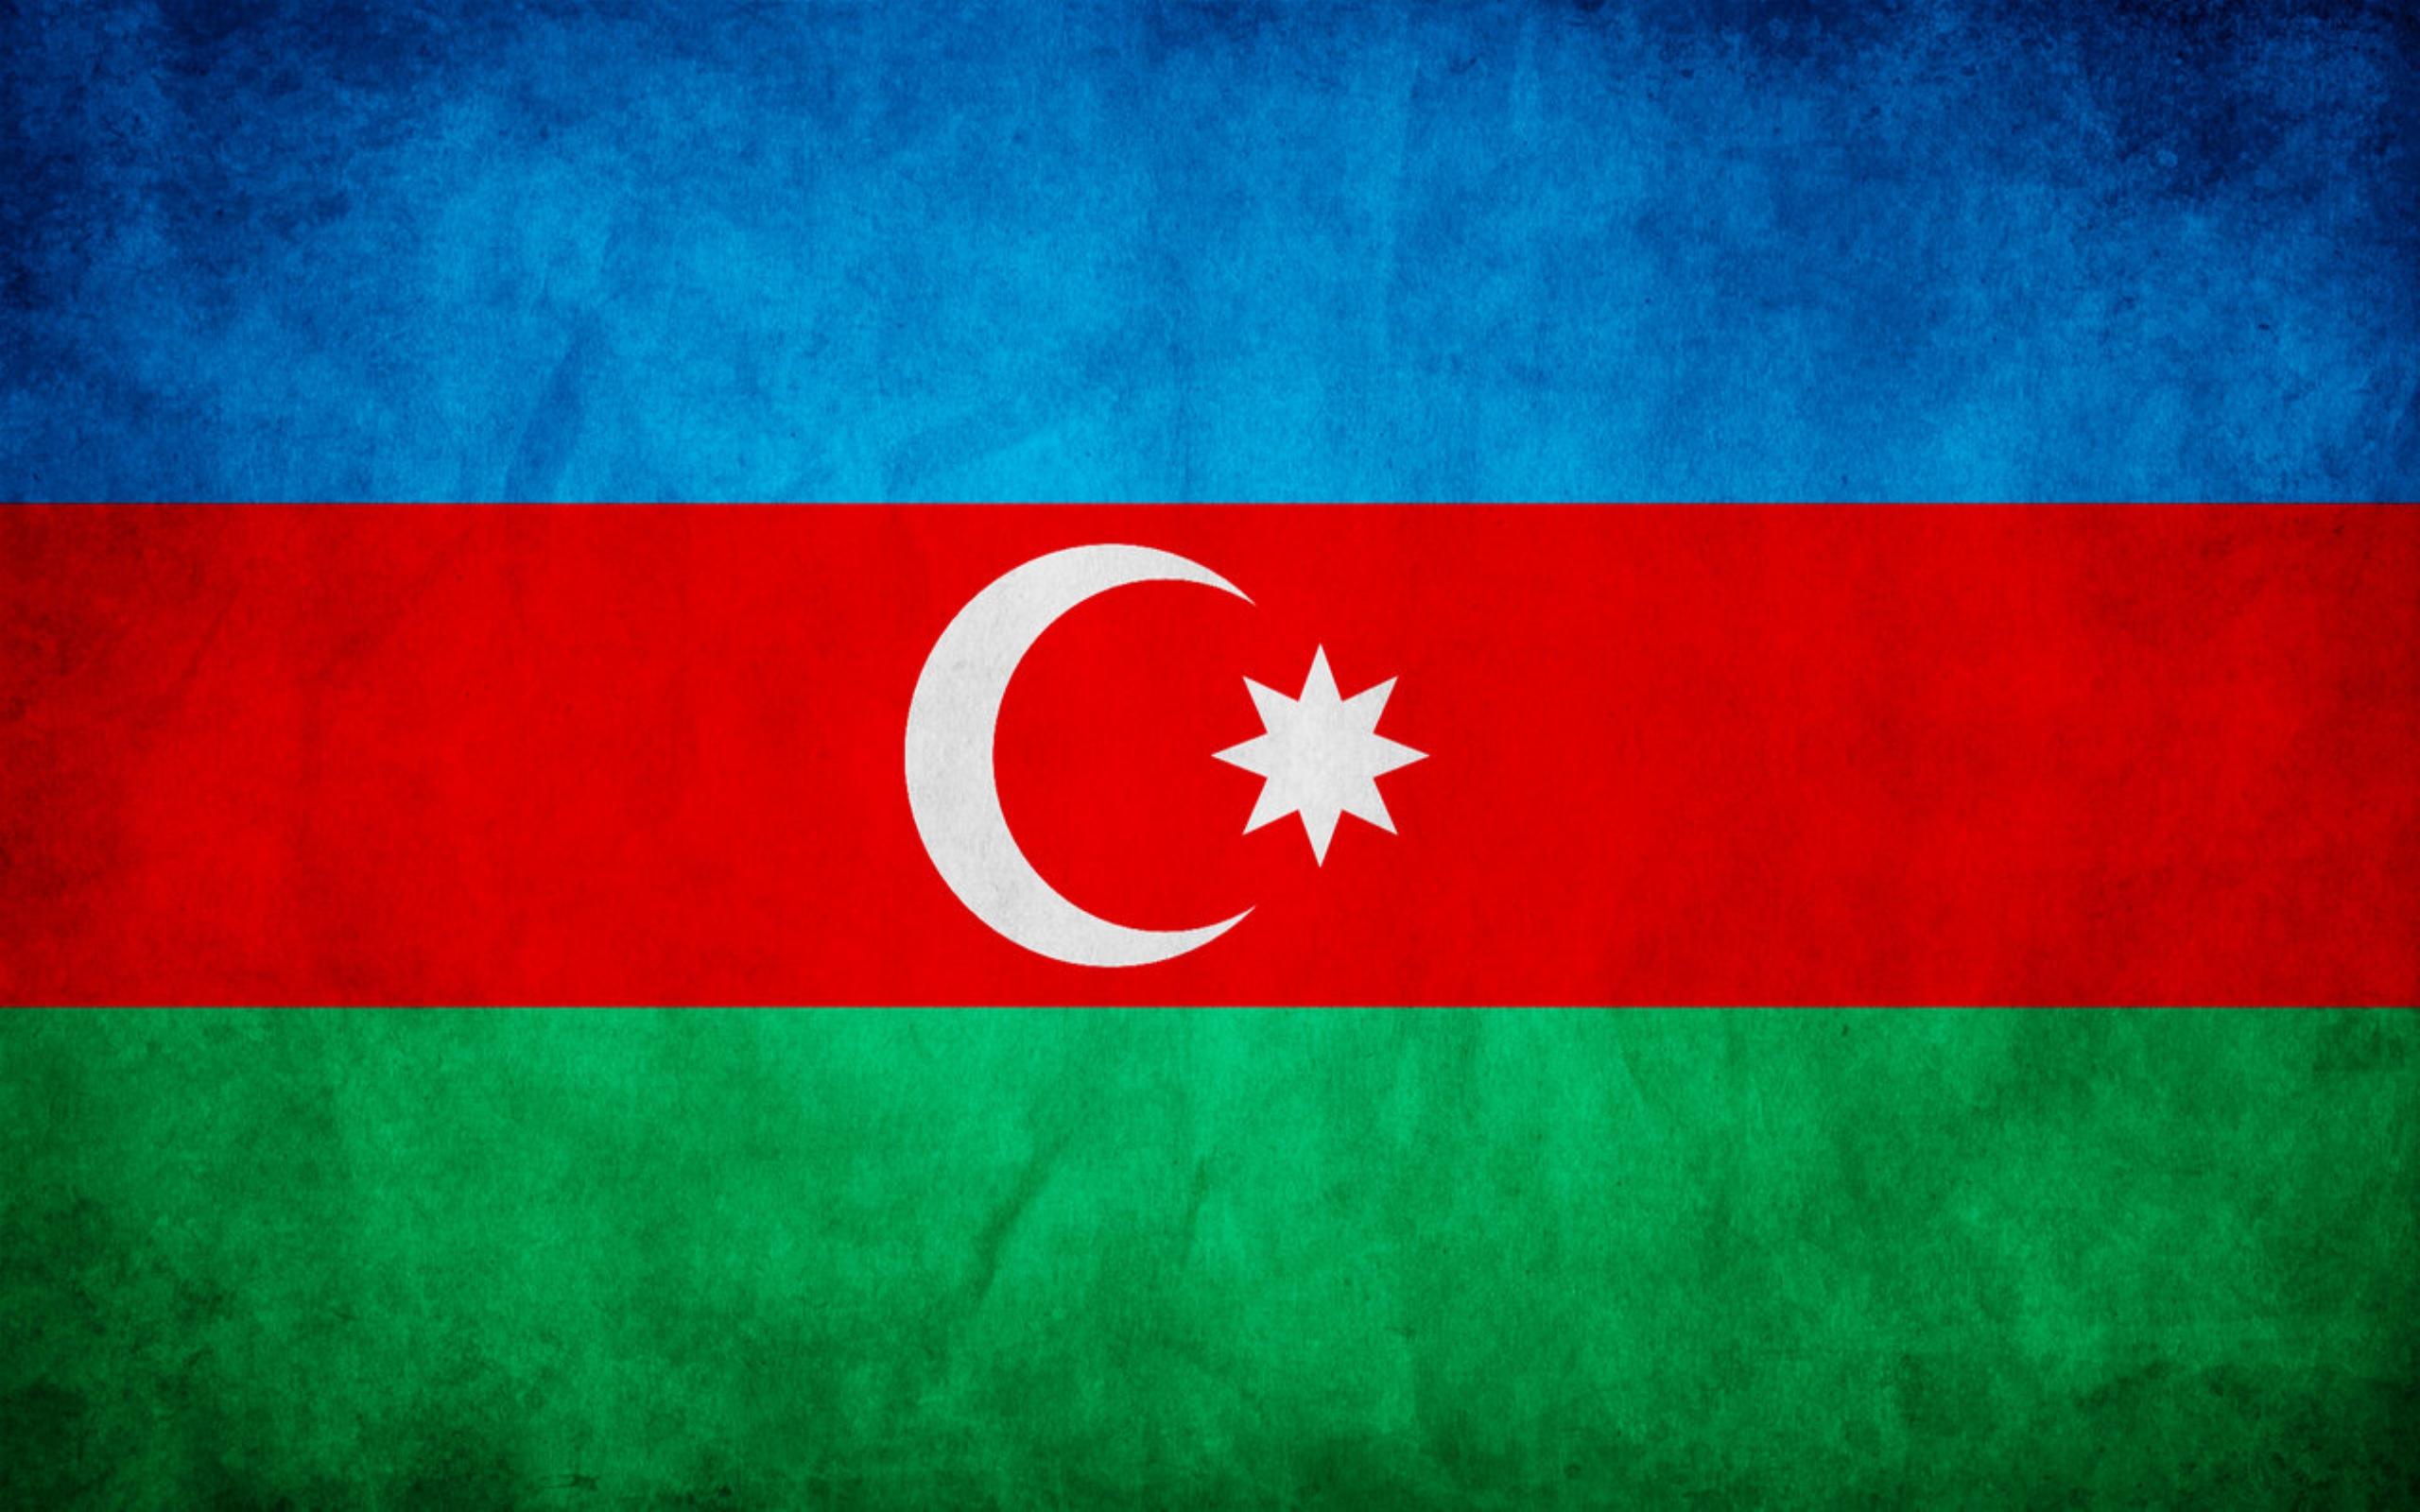 Best 53 Baku Wallpaper on HipWallpaper Baku Wallpaper Baku 2560x1600